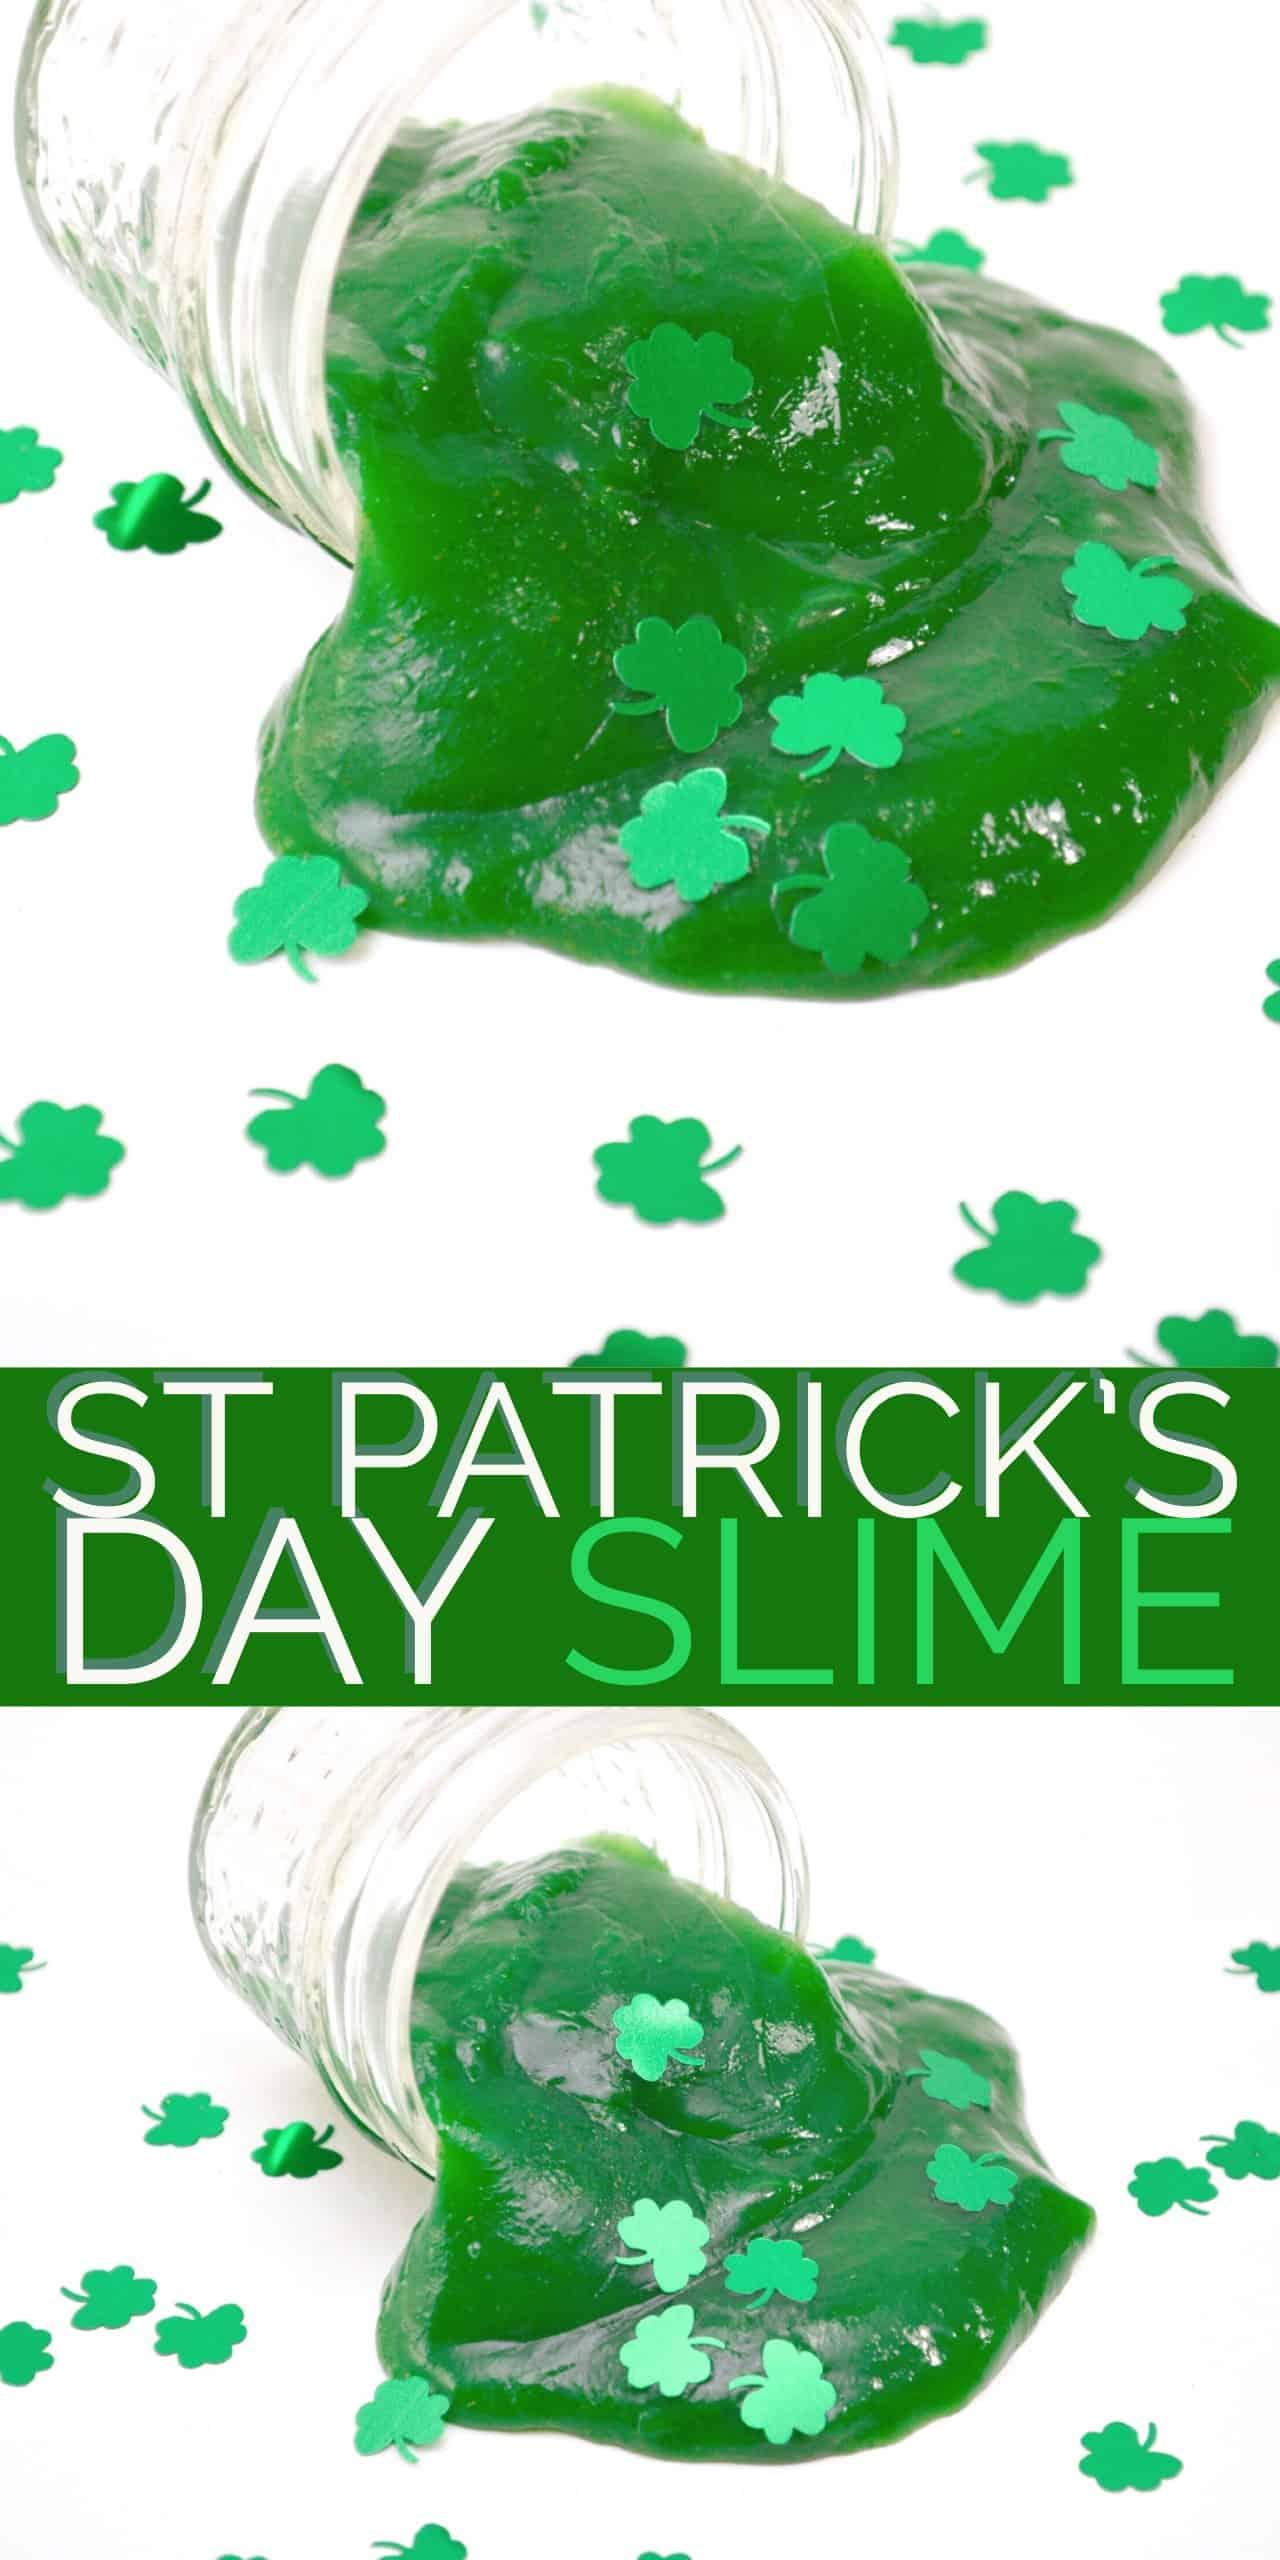 St Patrick's Day Slime